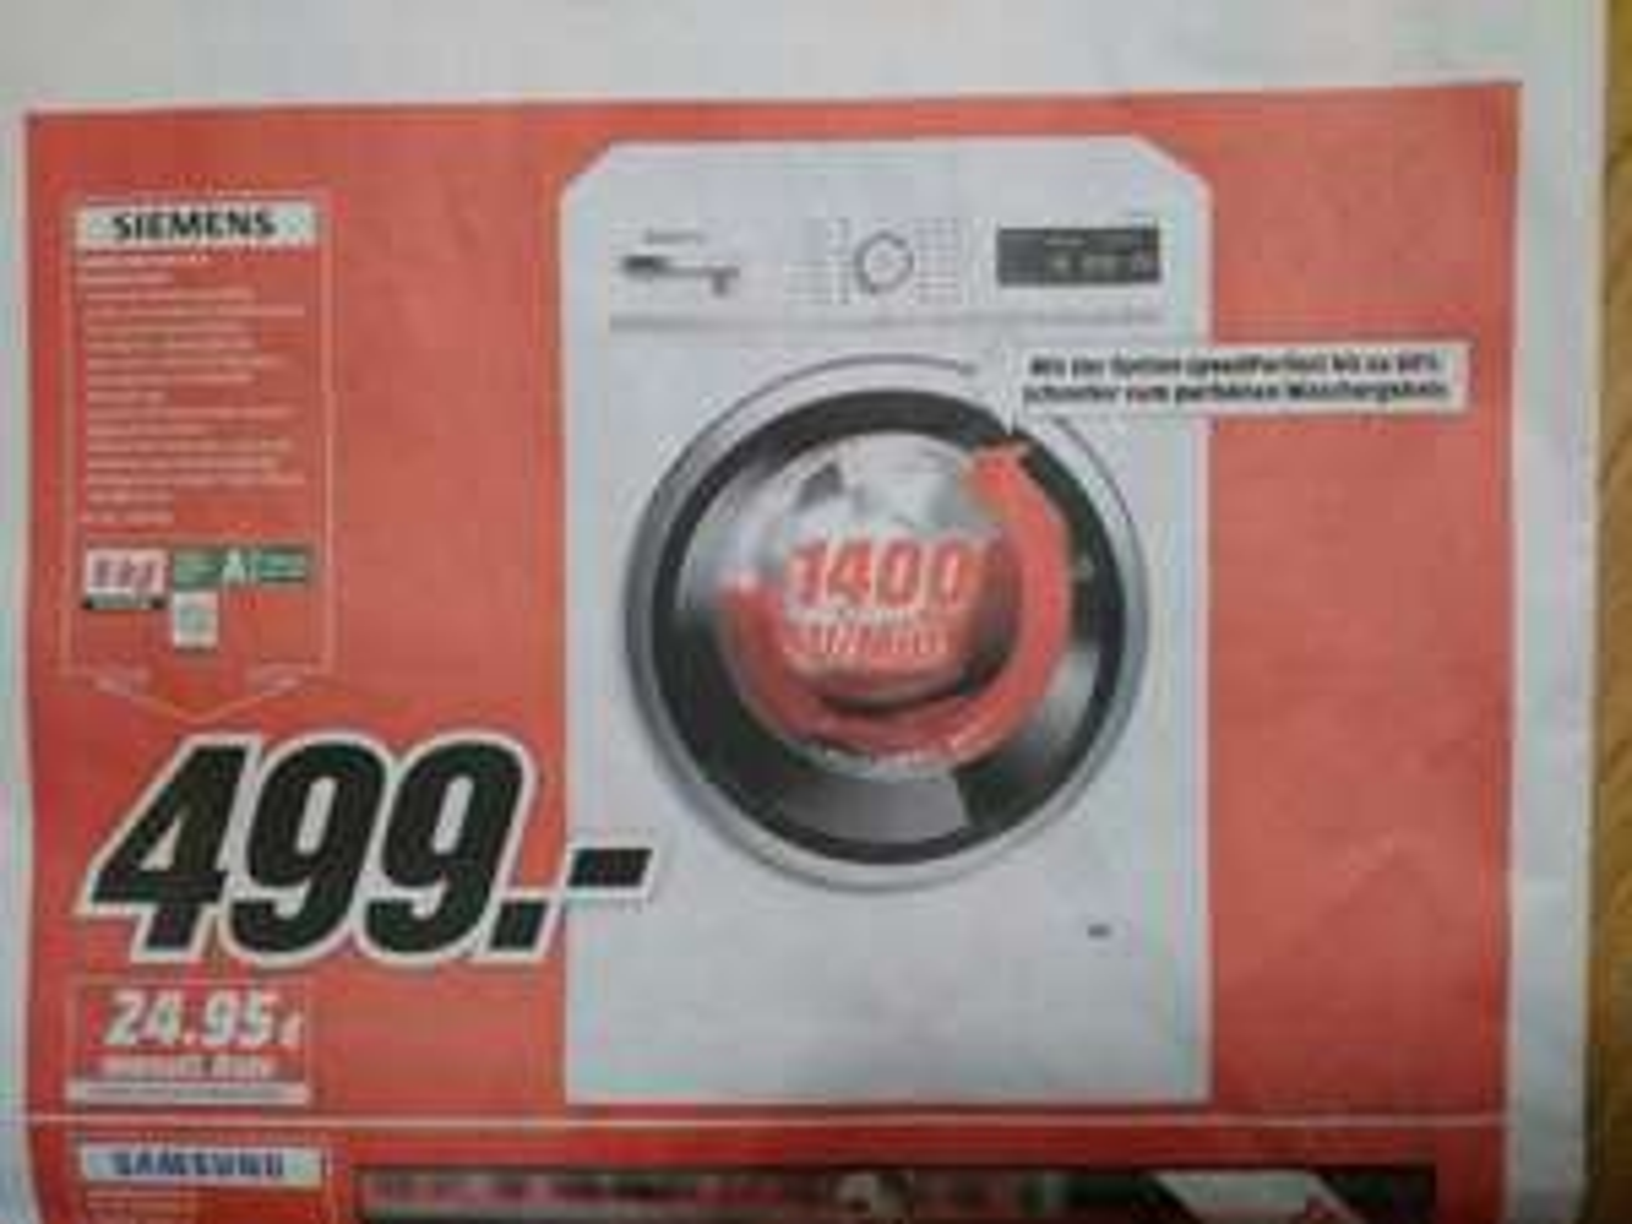 Waschmaschine Siemens WM 14 W 5 FCB 9KG iQ700 Lokal Mediamarkt Buchholz i.d.N.